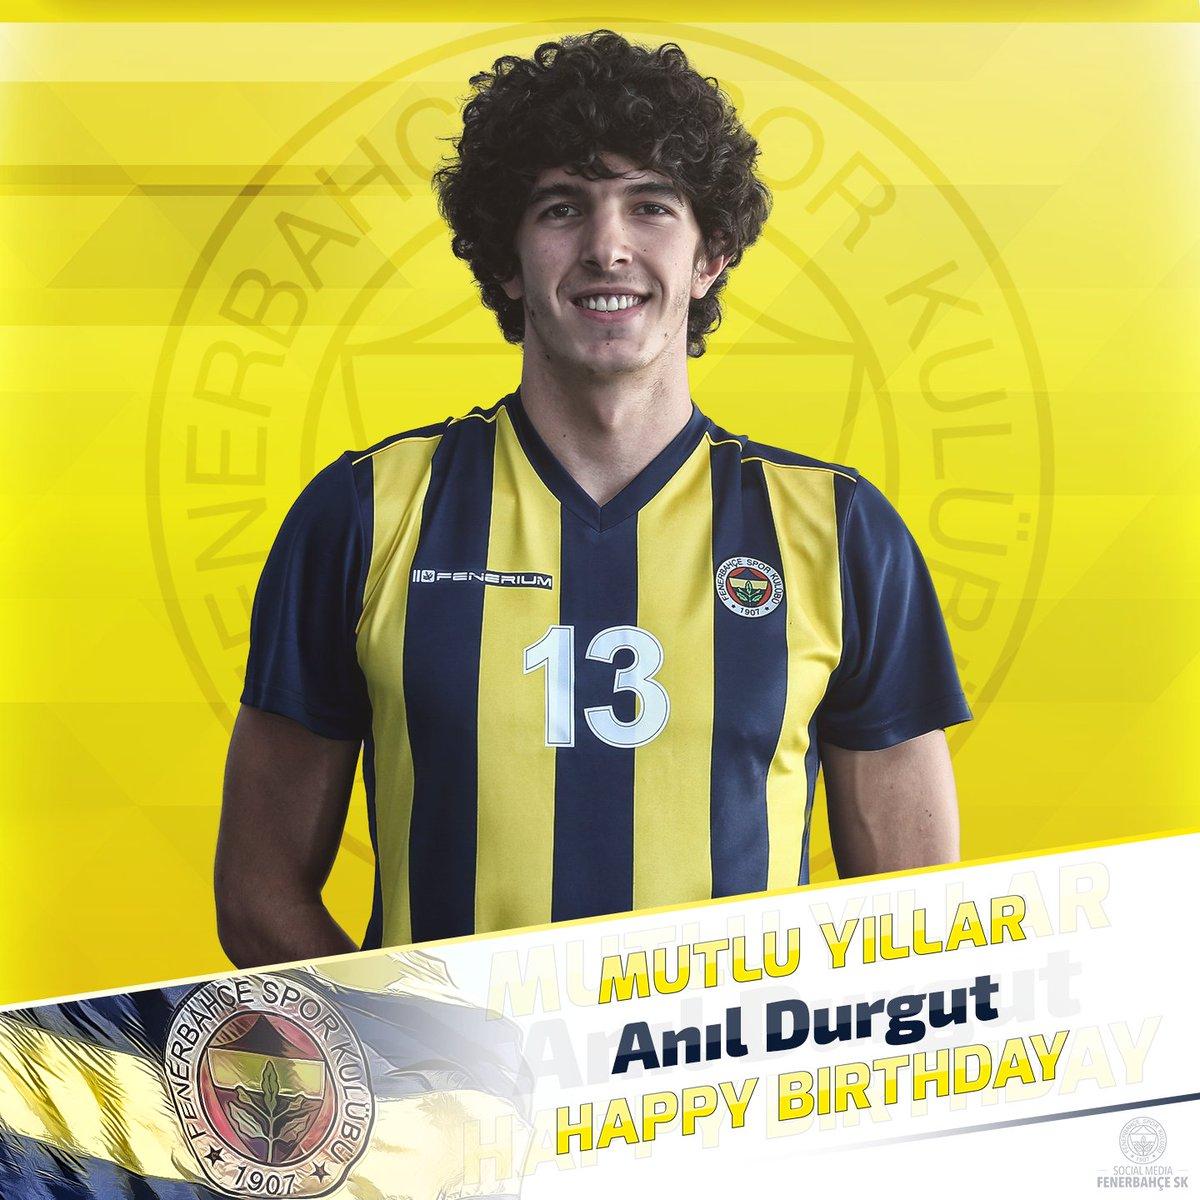 Bugün oyuncumuz Anıl Durgut'un doğum gün...